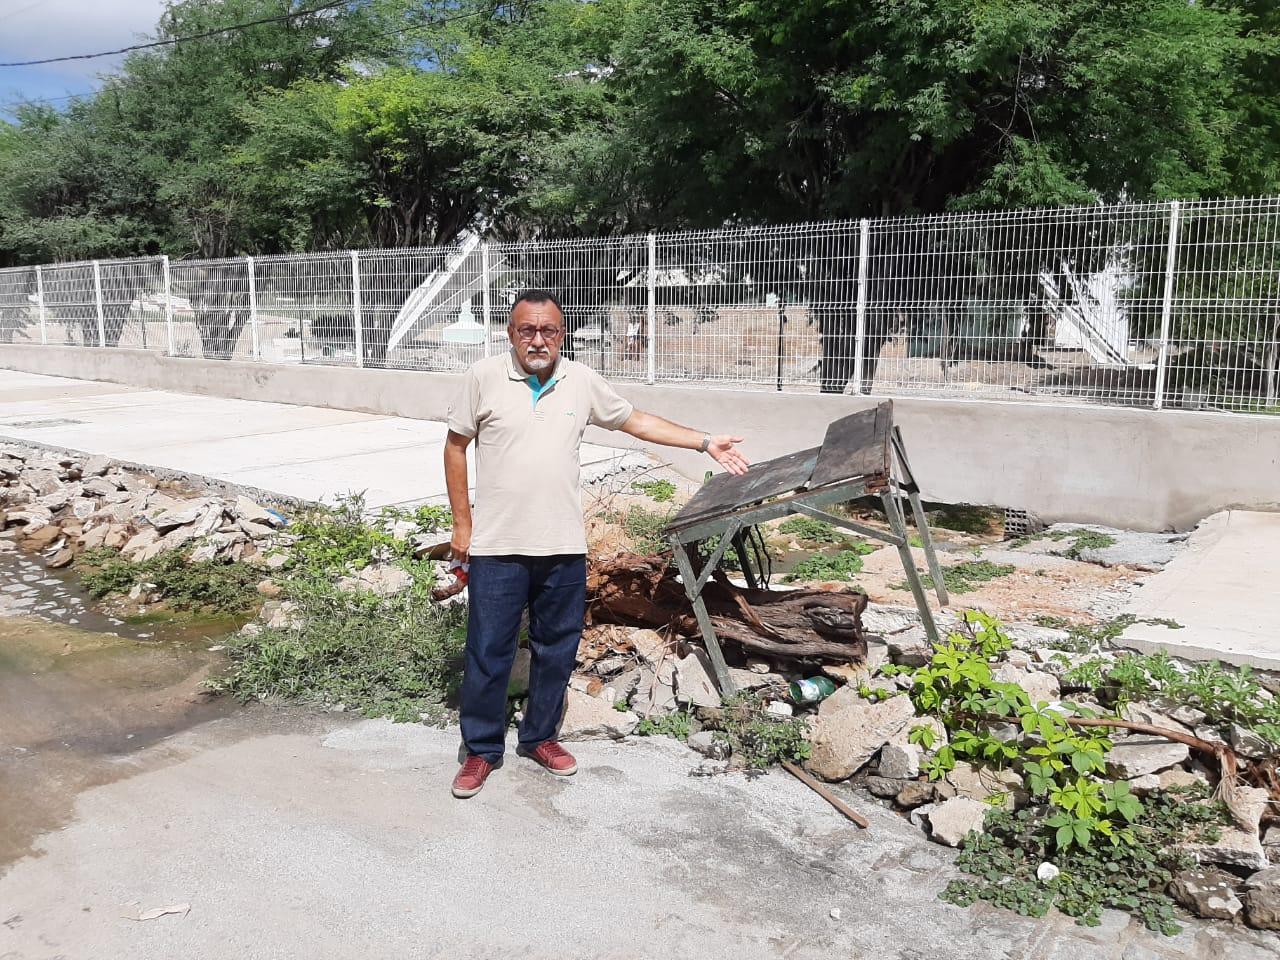 Moradores da Vila Mariana estão sendo prejudicados com galeria estourada, entulho, lixo e escuridão. Denuncia vereador Zé Gonçalves